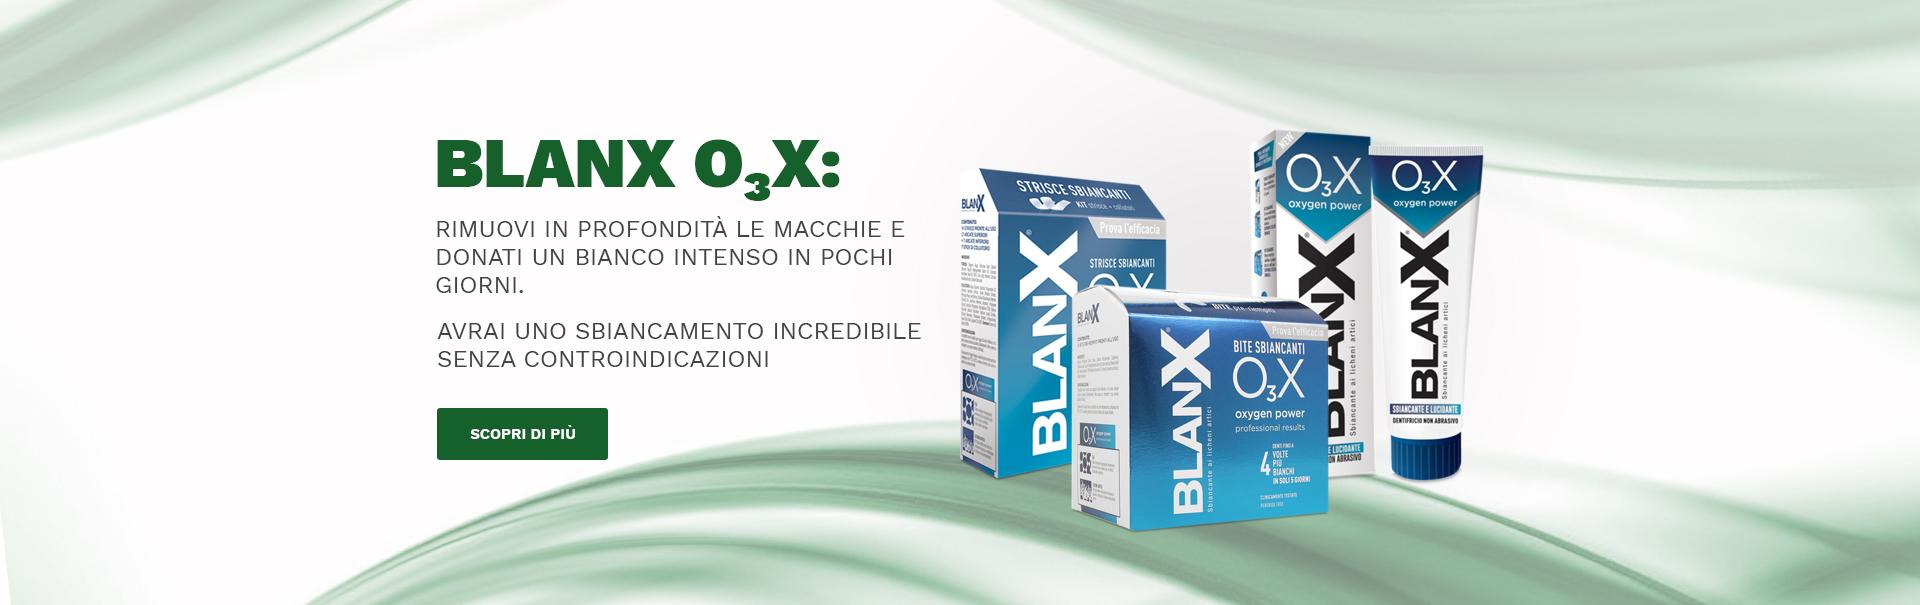 catalog/slide/blanx.jpg